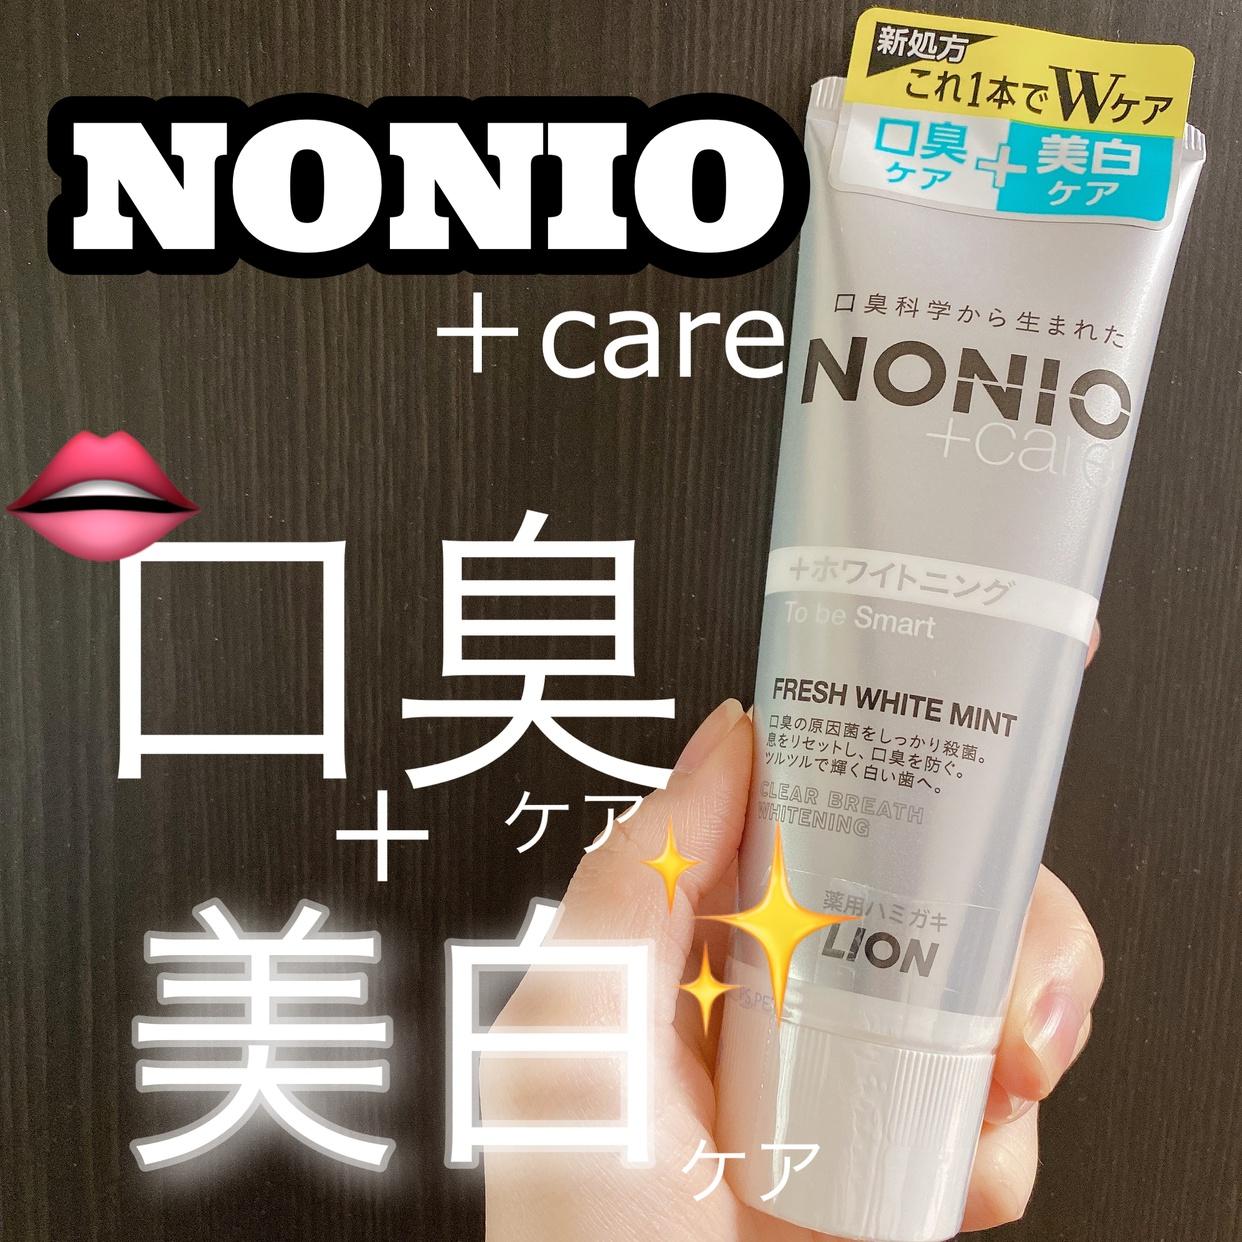 NONIO(ノニオ)プラス ホワイトニング ハミガキを使ったOLちゃんさんのクチコミ画像1